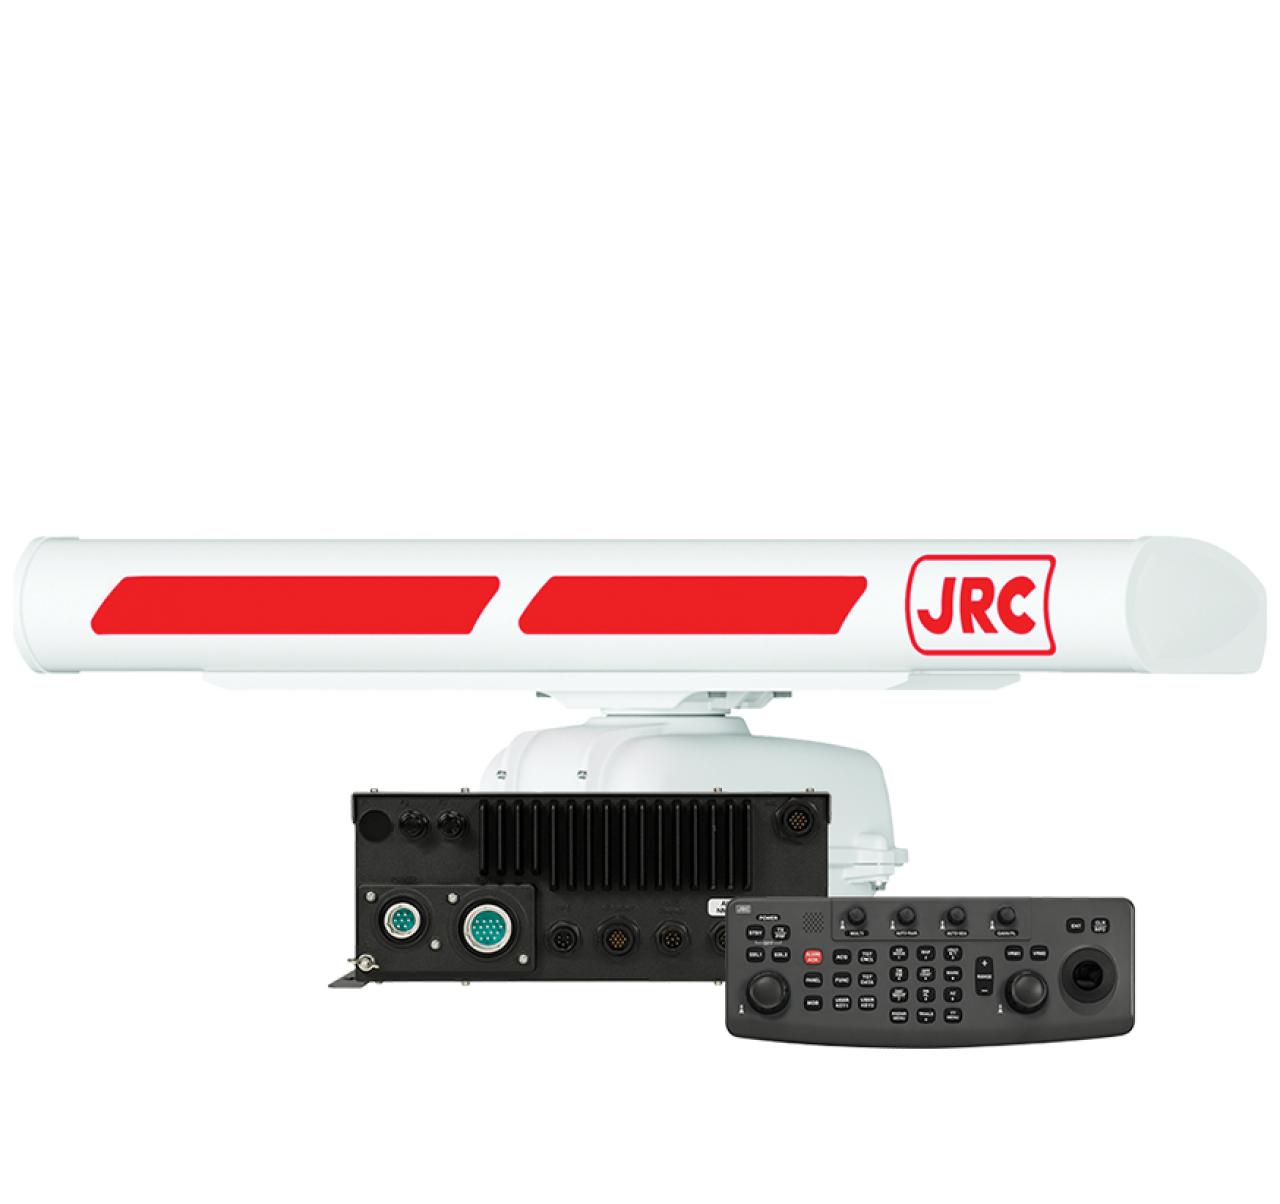 JMA-5200MK2 Image